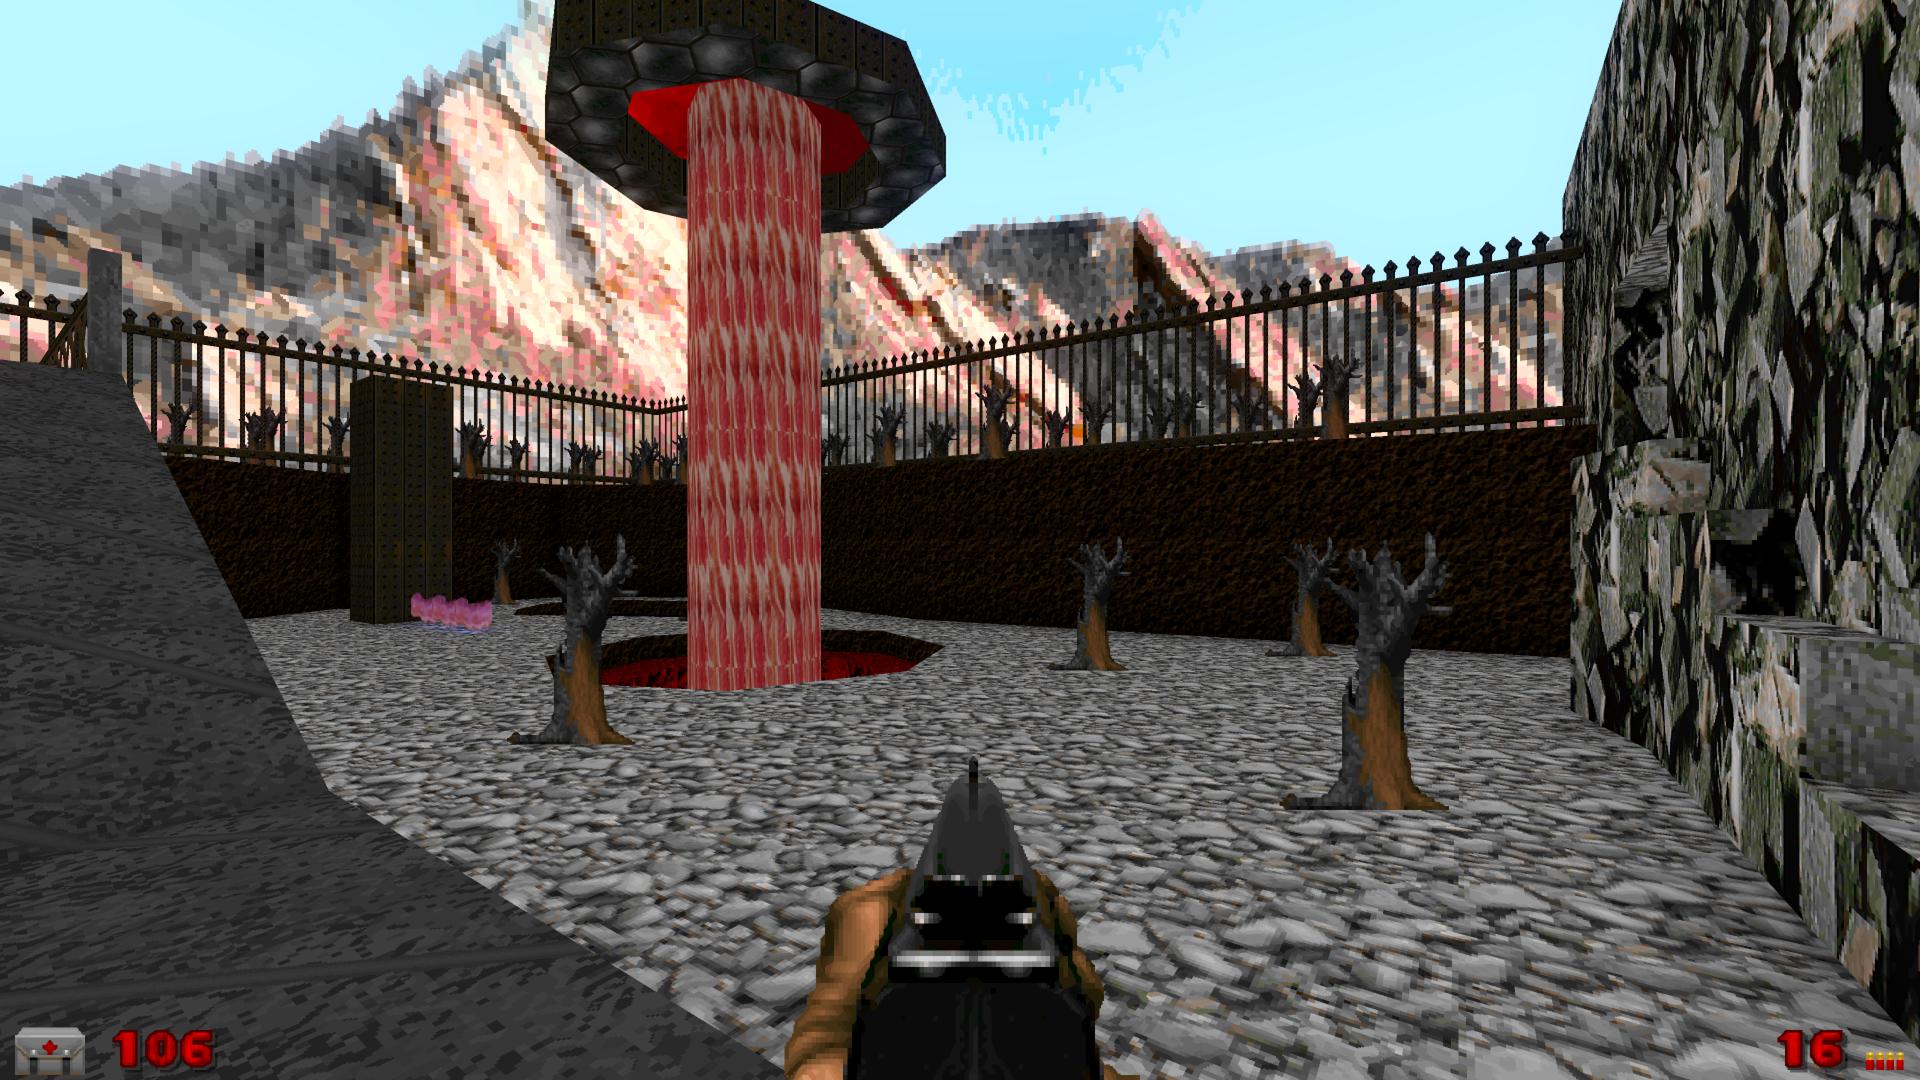 Screenshot_Doom_20210109_181629.png.479ec686ae43d340e24f0ddc096dda5f.png